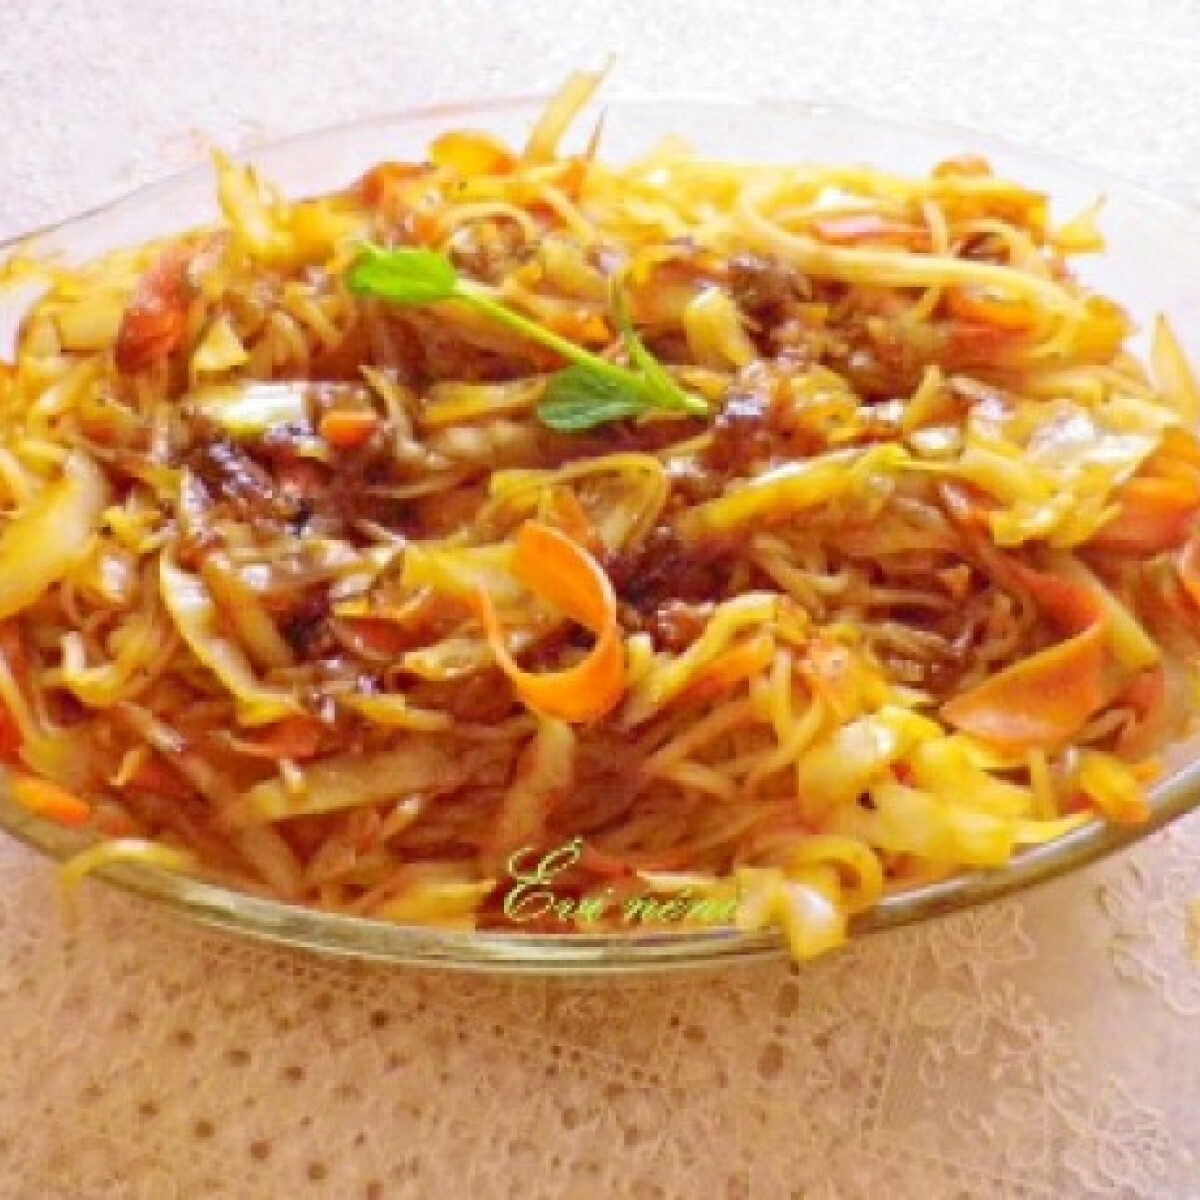 Kínai zöldséges rizstészta